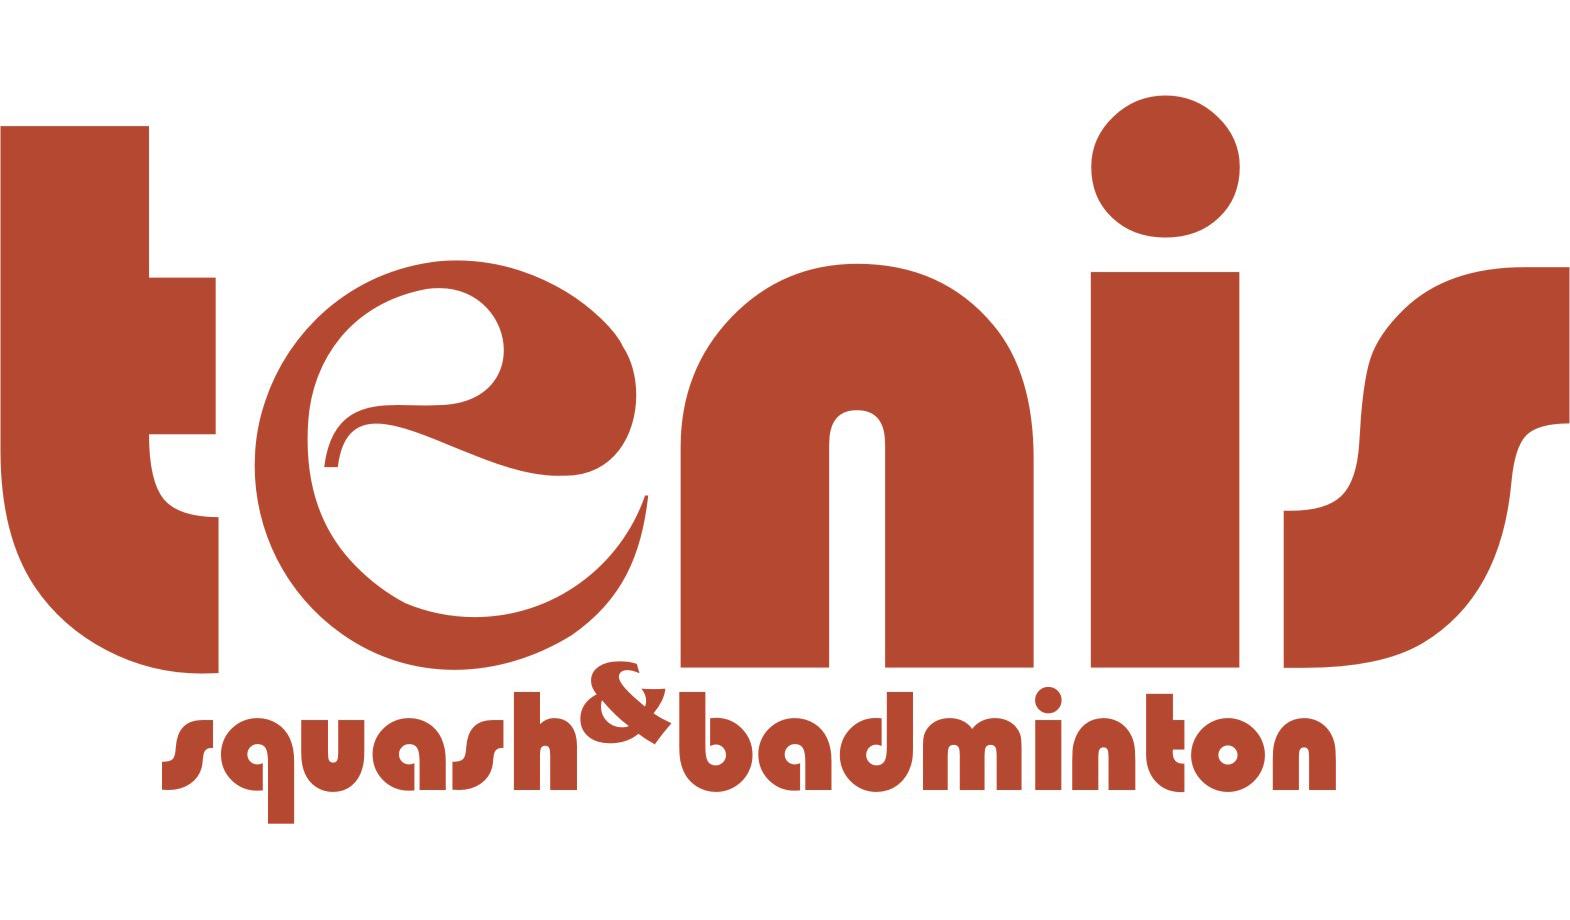 Tenis&Squash